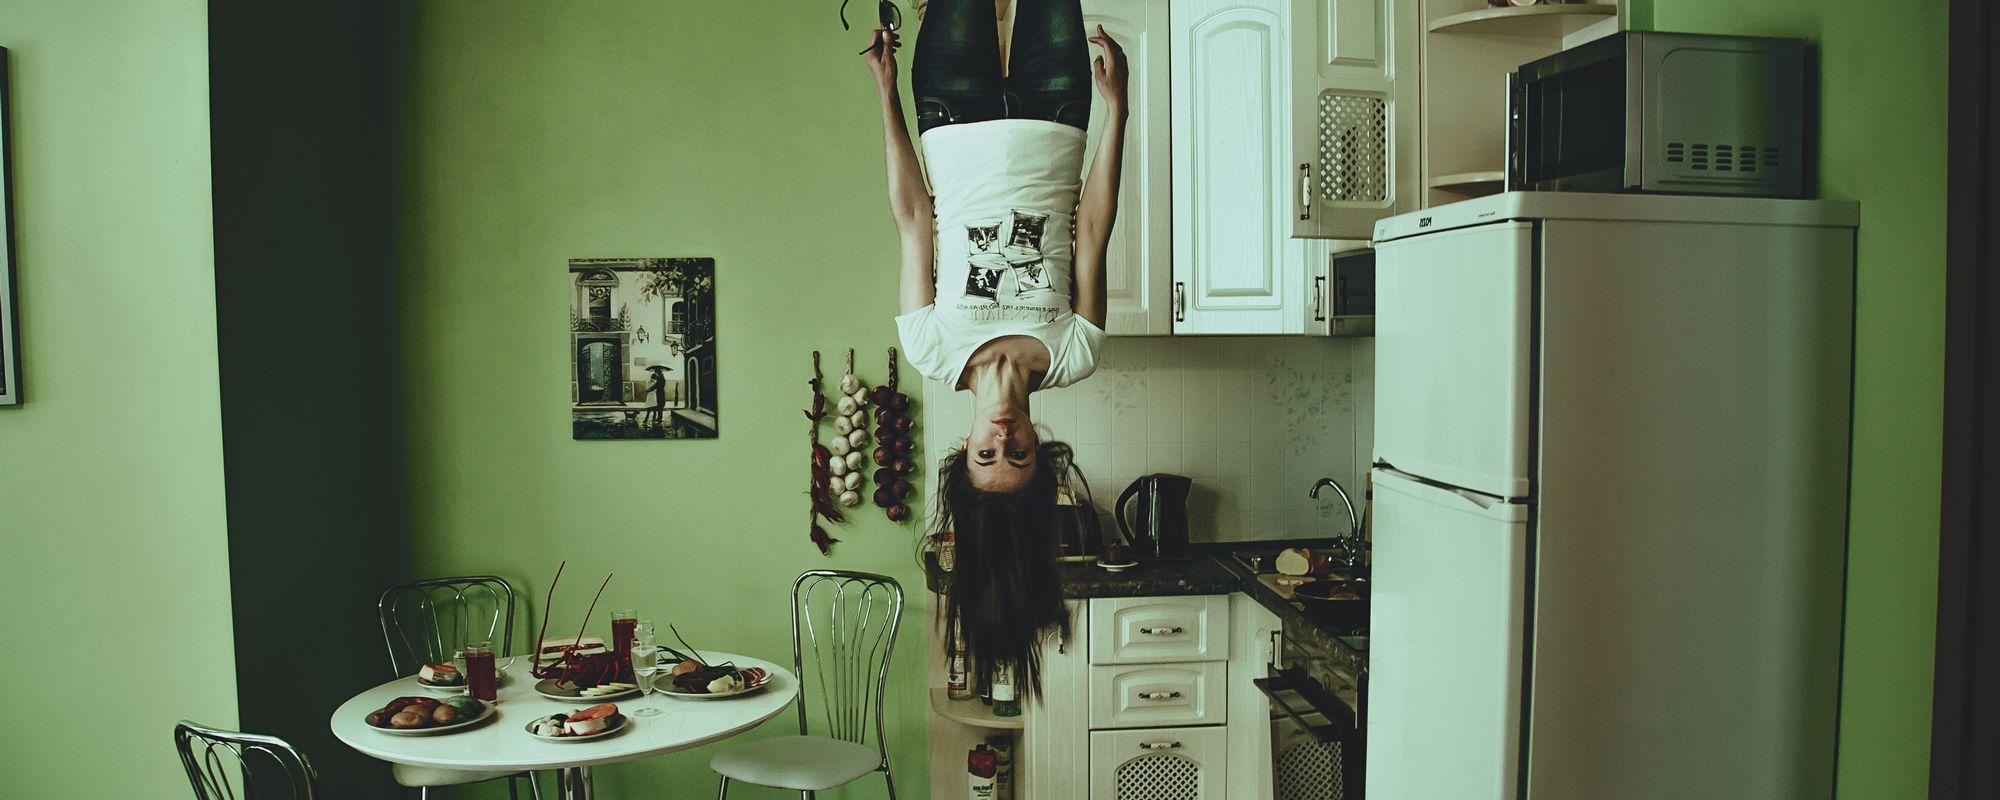 Femeie cu capul in jos in bucatarie